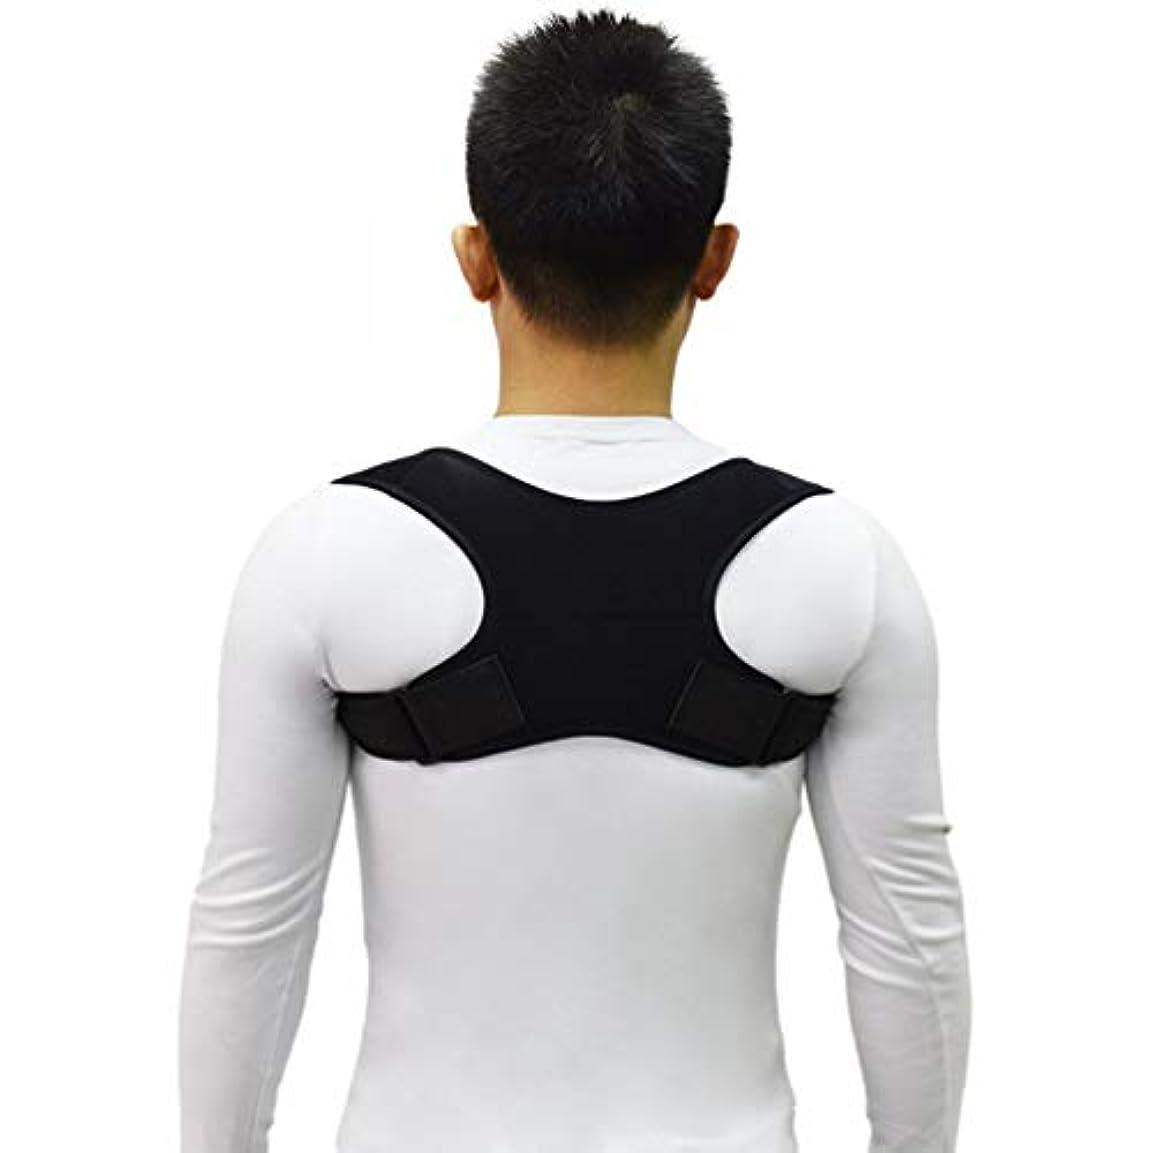 自分のためにシエスタ美徳新しいアッパーバックポスチャーコレクター姿勢鎖骨サポートコレクターバックストレートショルダーブレースストラップコレクター - ブラック